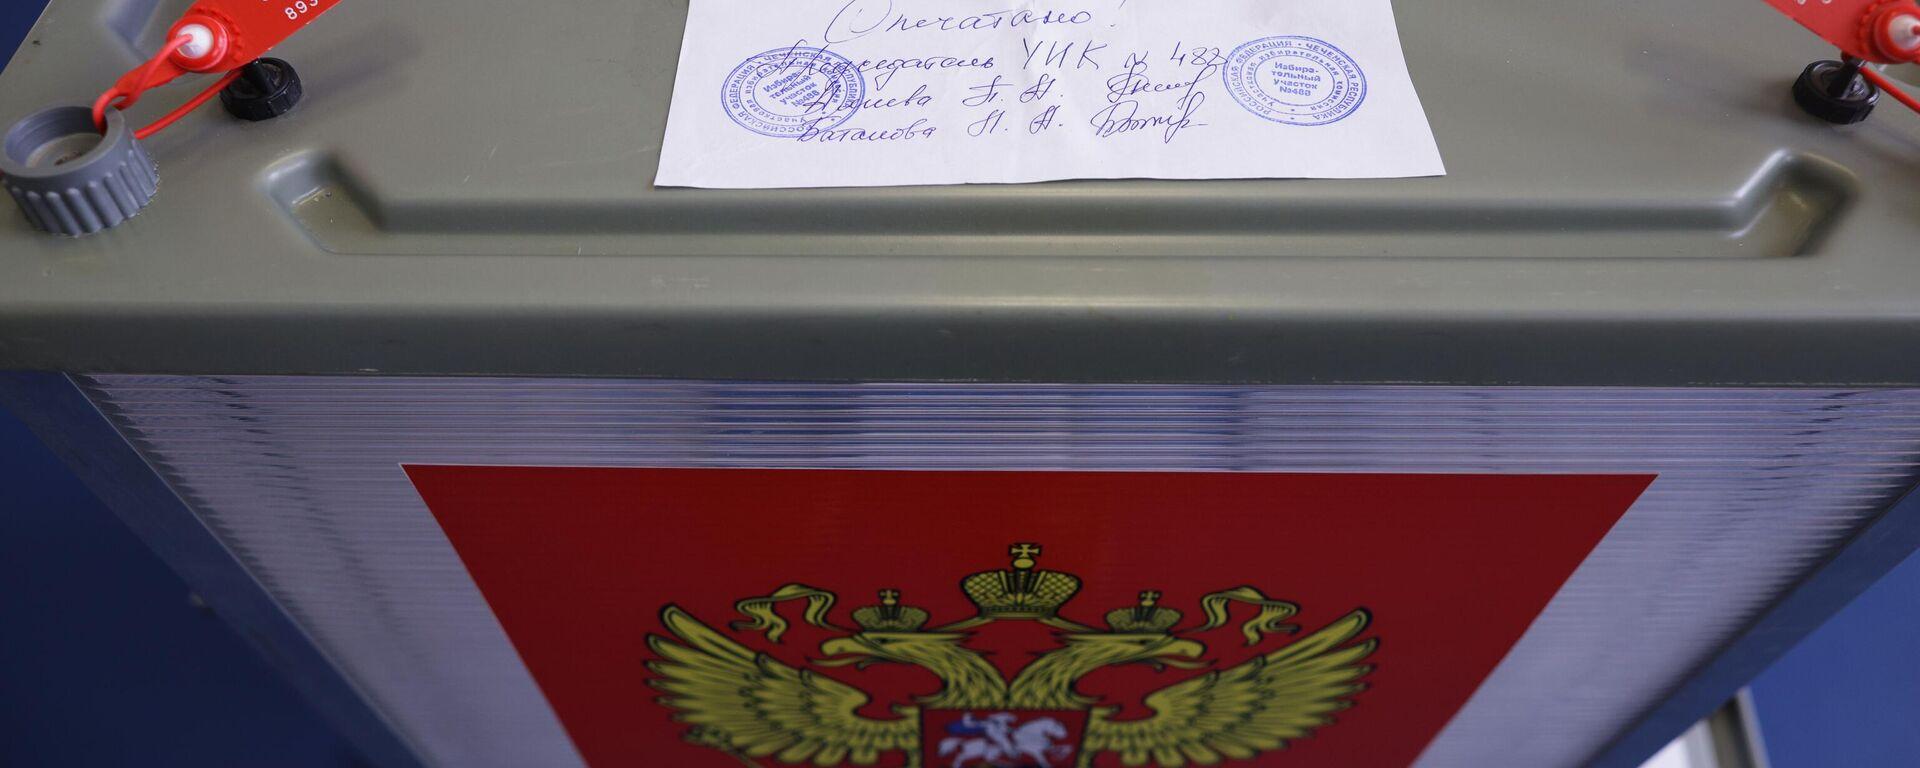 Избирательная урна на избирательном участке на выборах в России - Sputnik Латвия, 1920, 26.09.2021